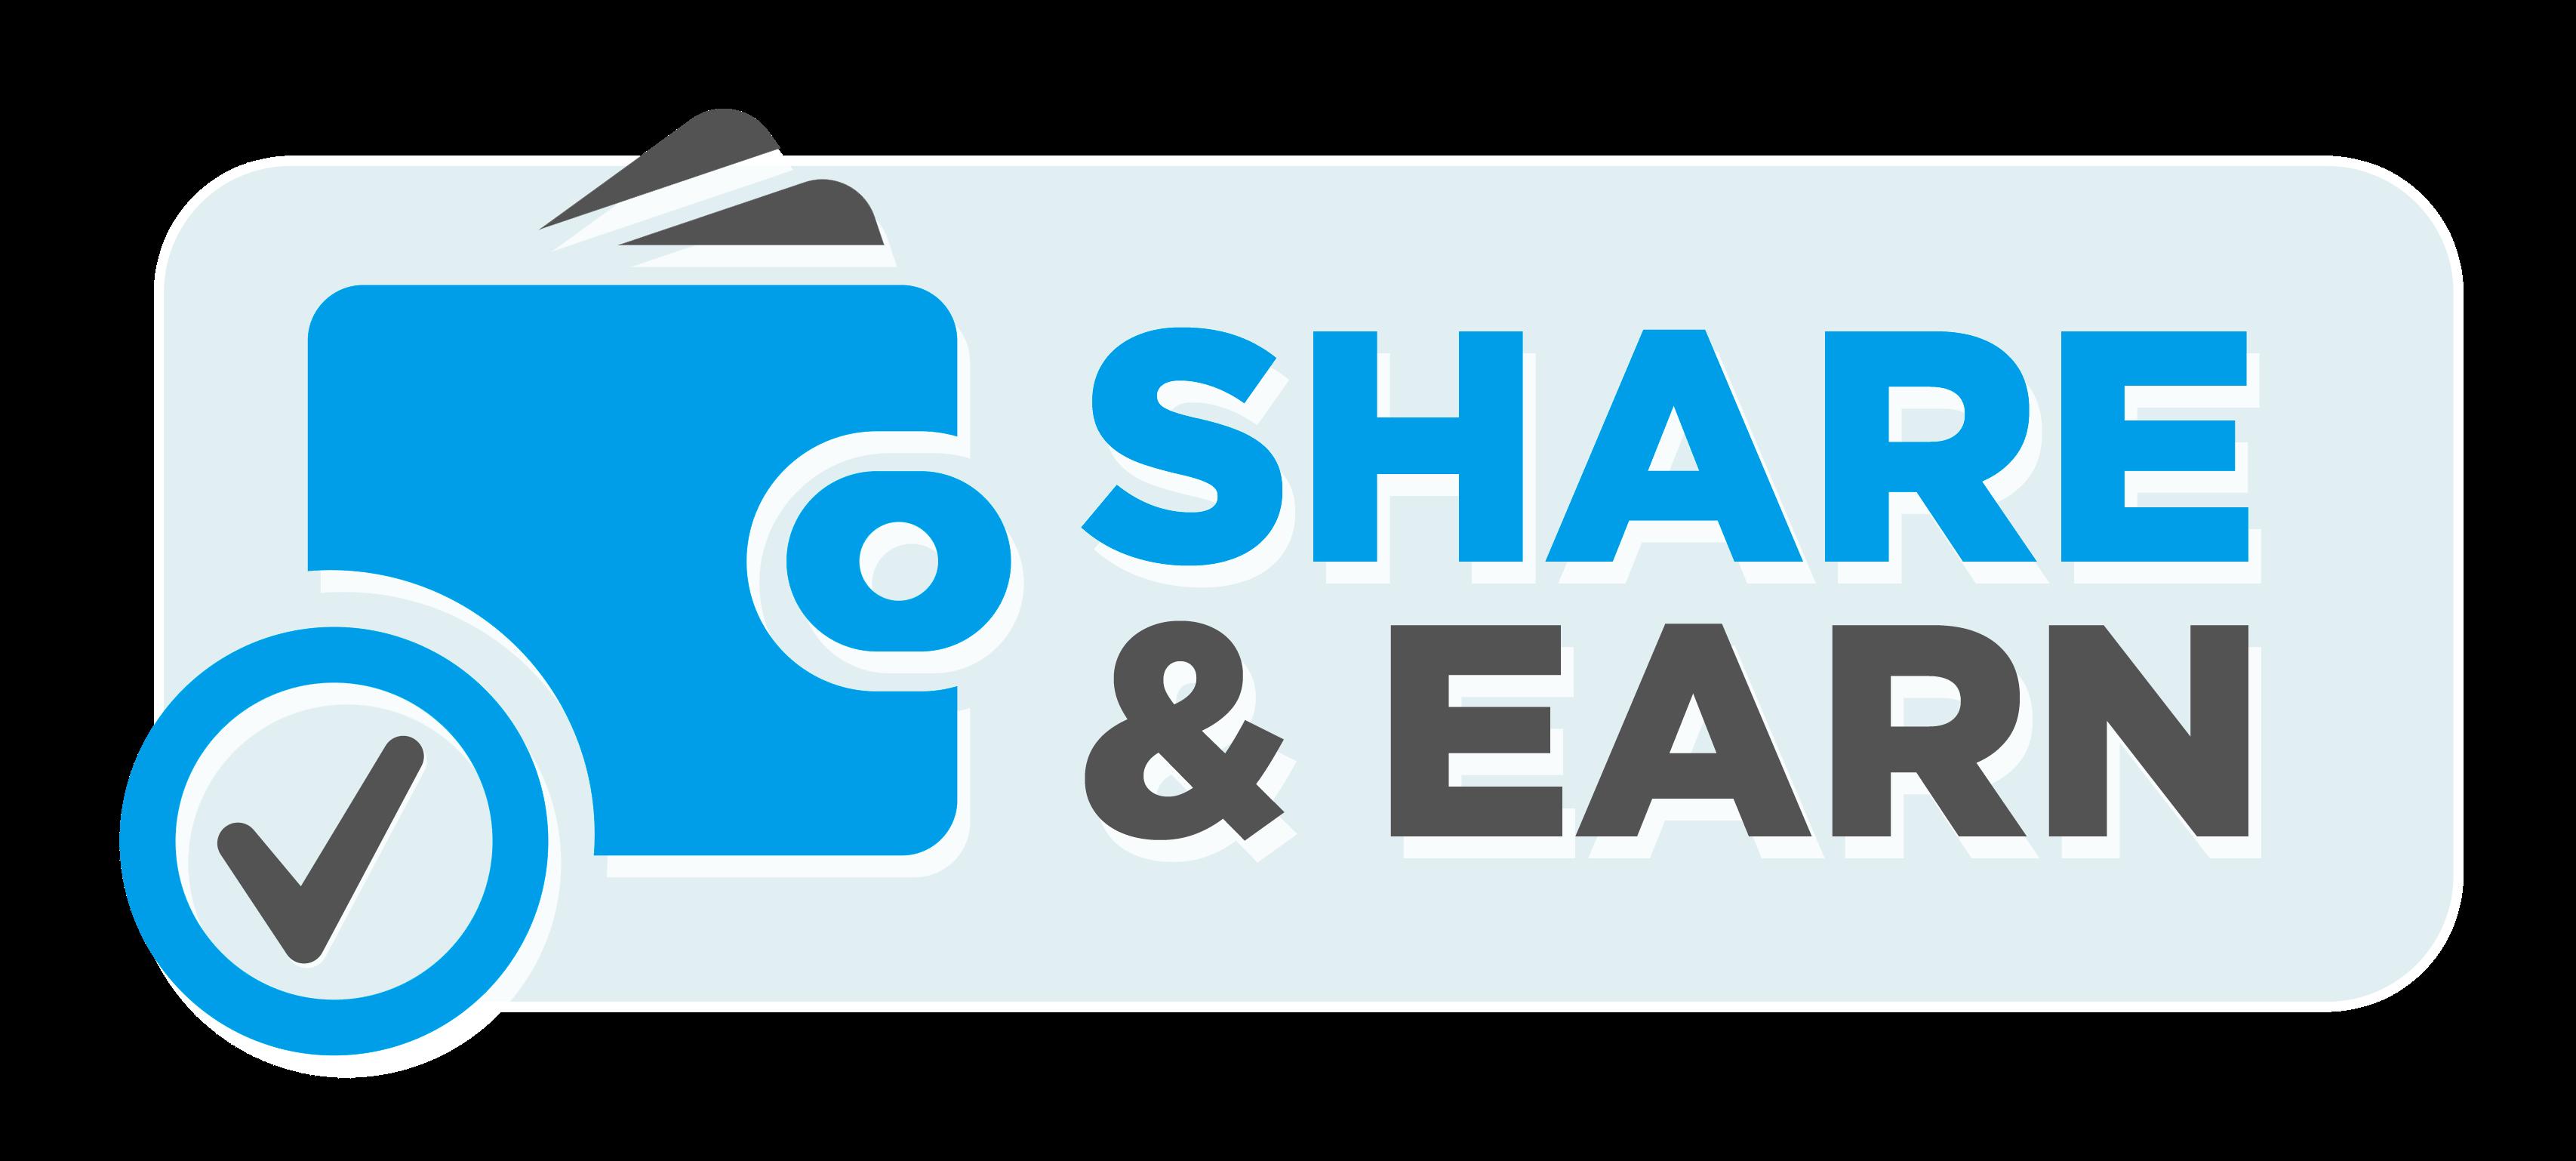 letsshave-share